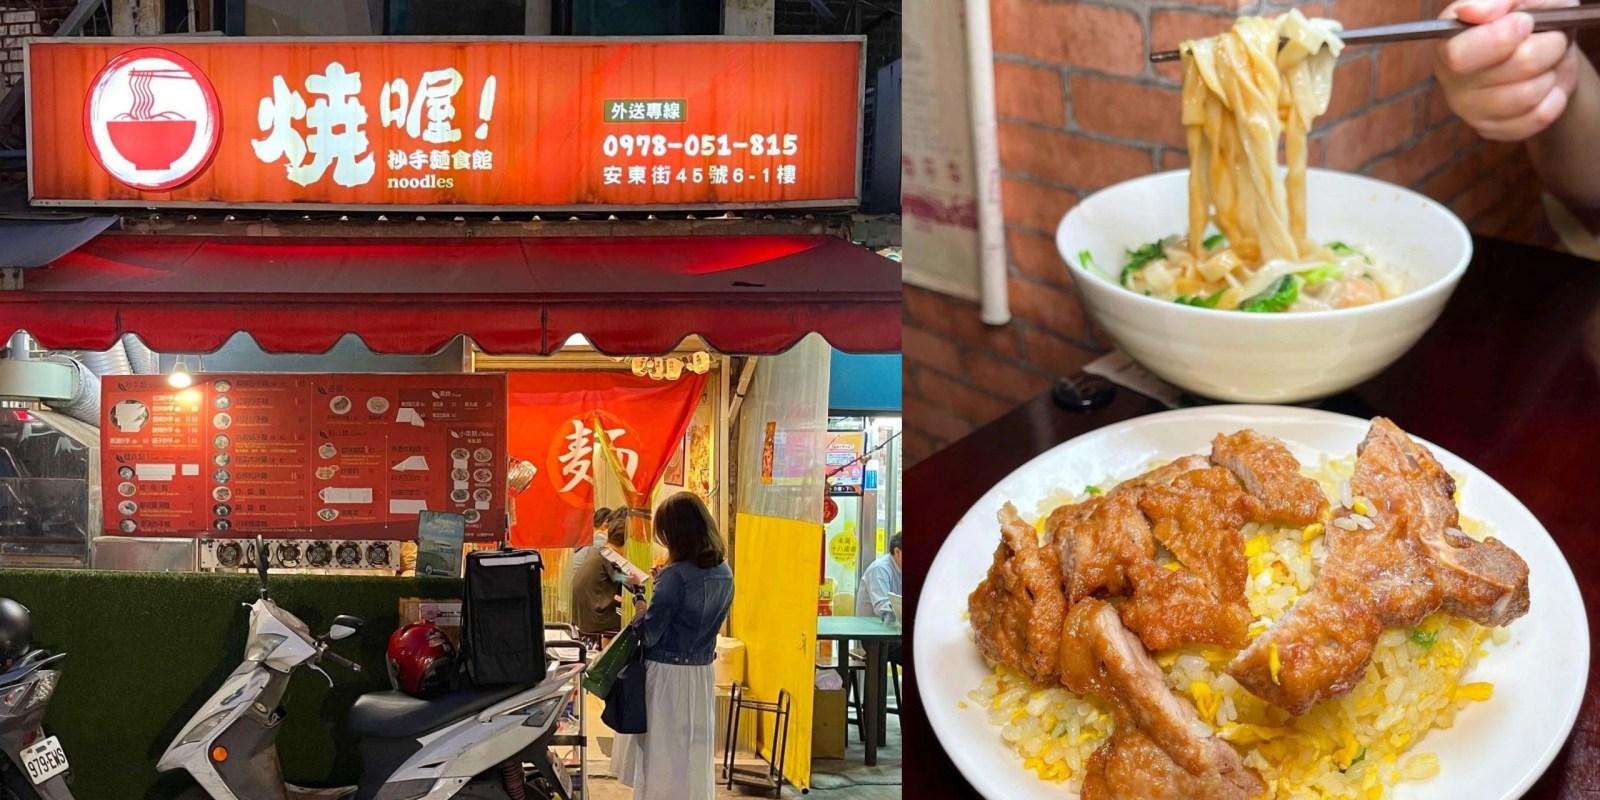 [台北美食] 燒喔!抄手麵食館 - 用平實價格吃到各種美味的平價版鼎泰豐!